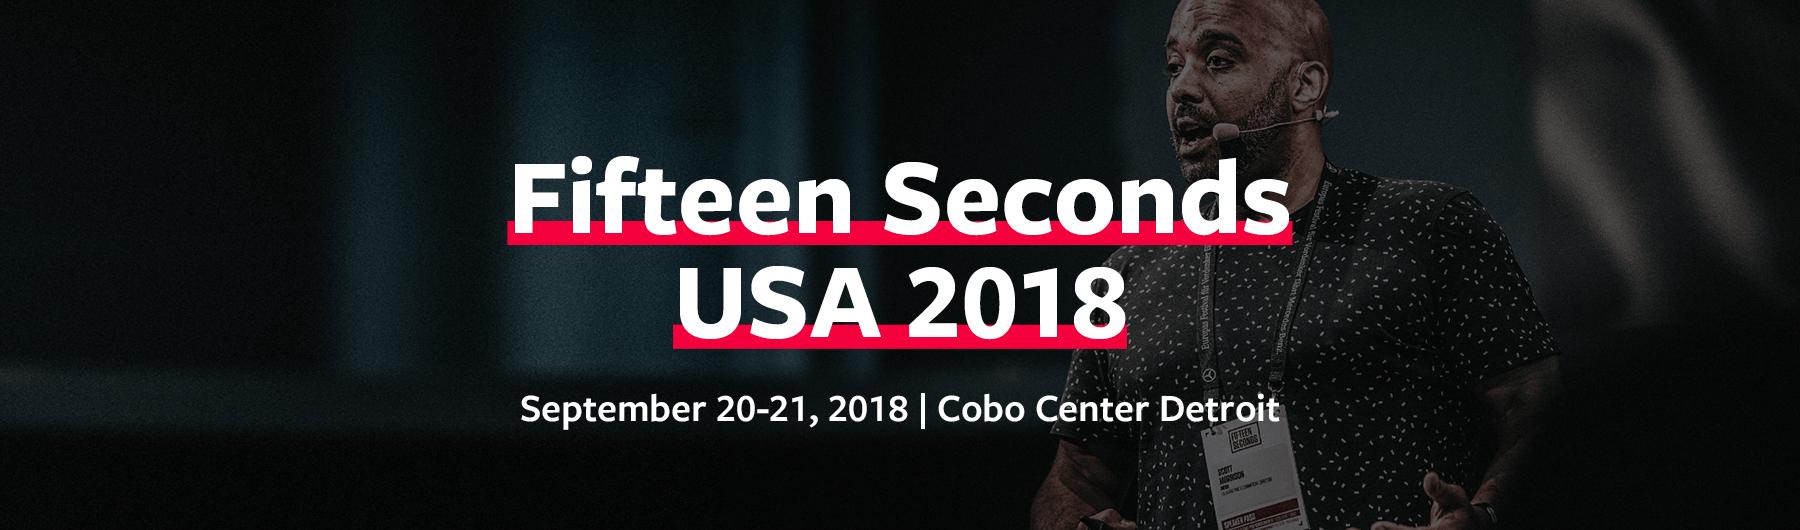 Fifteen Seconds USA 2018